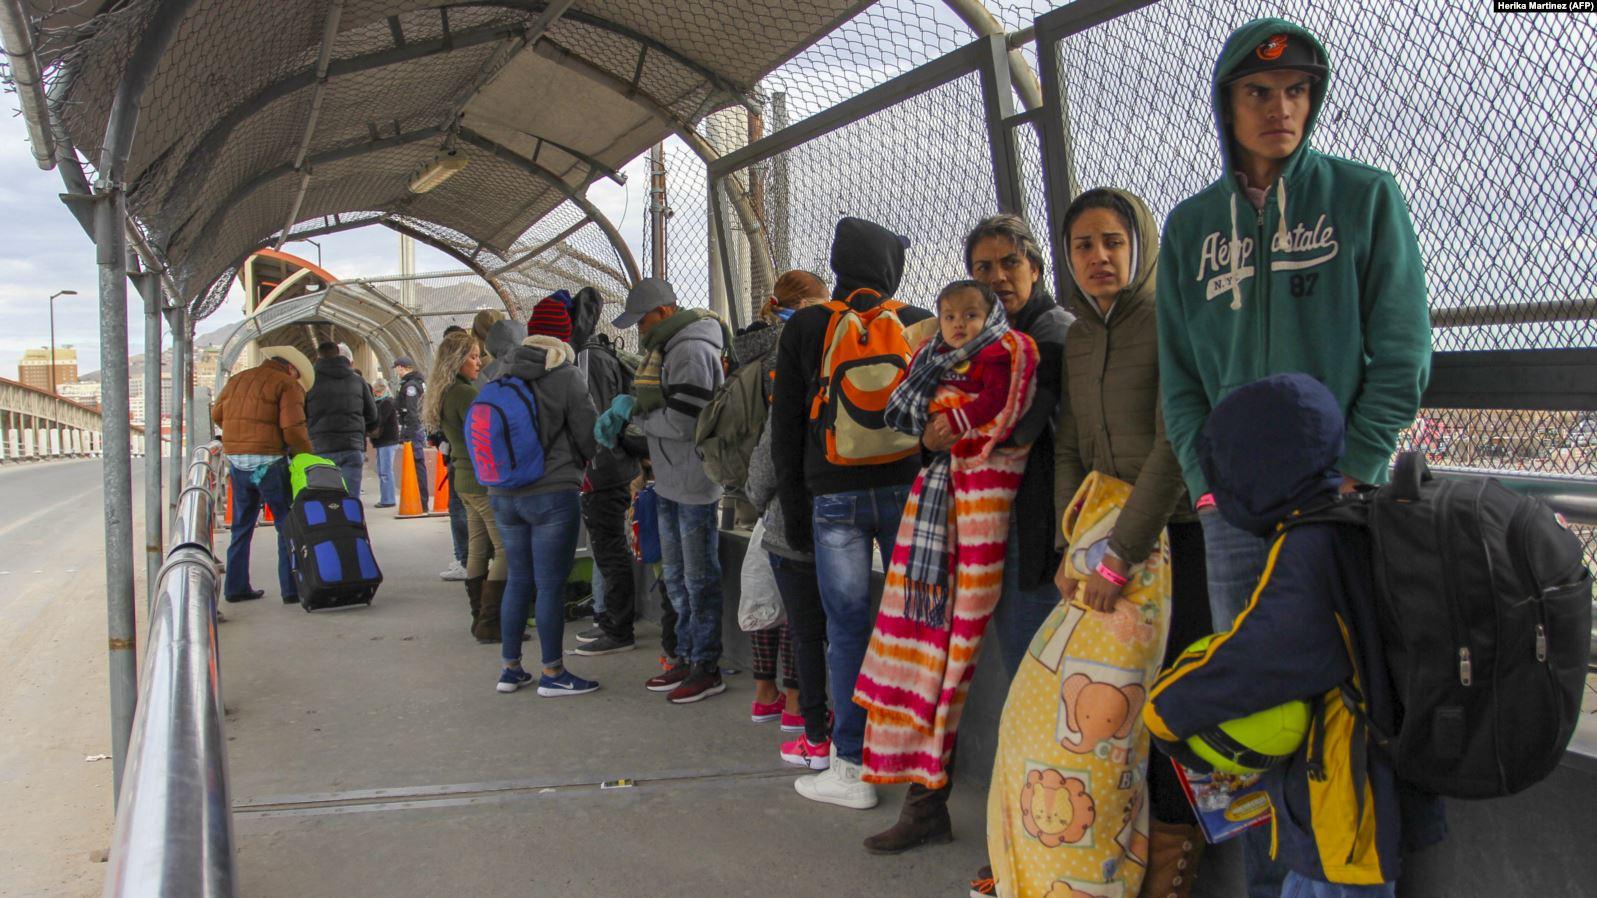 SHBA vendos të reduktojë ndjeshëm pranimin e emigrantëve në territorin e saj